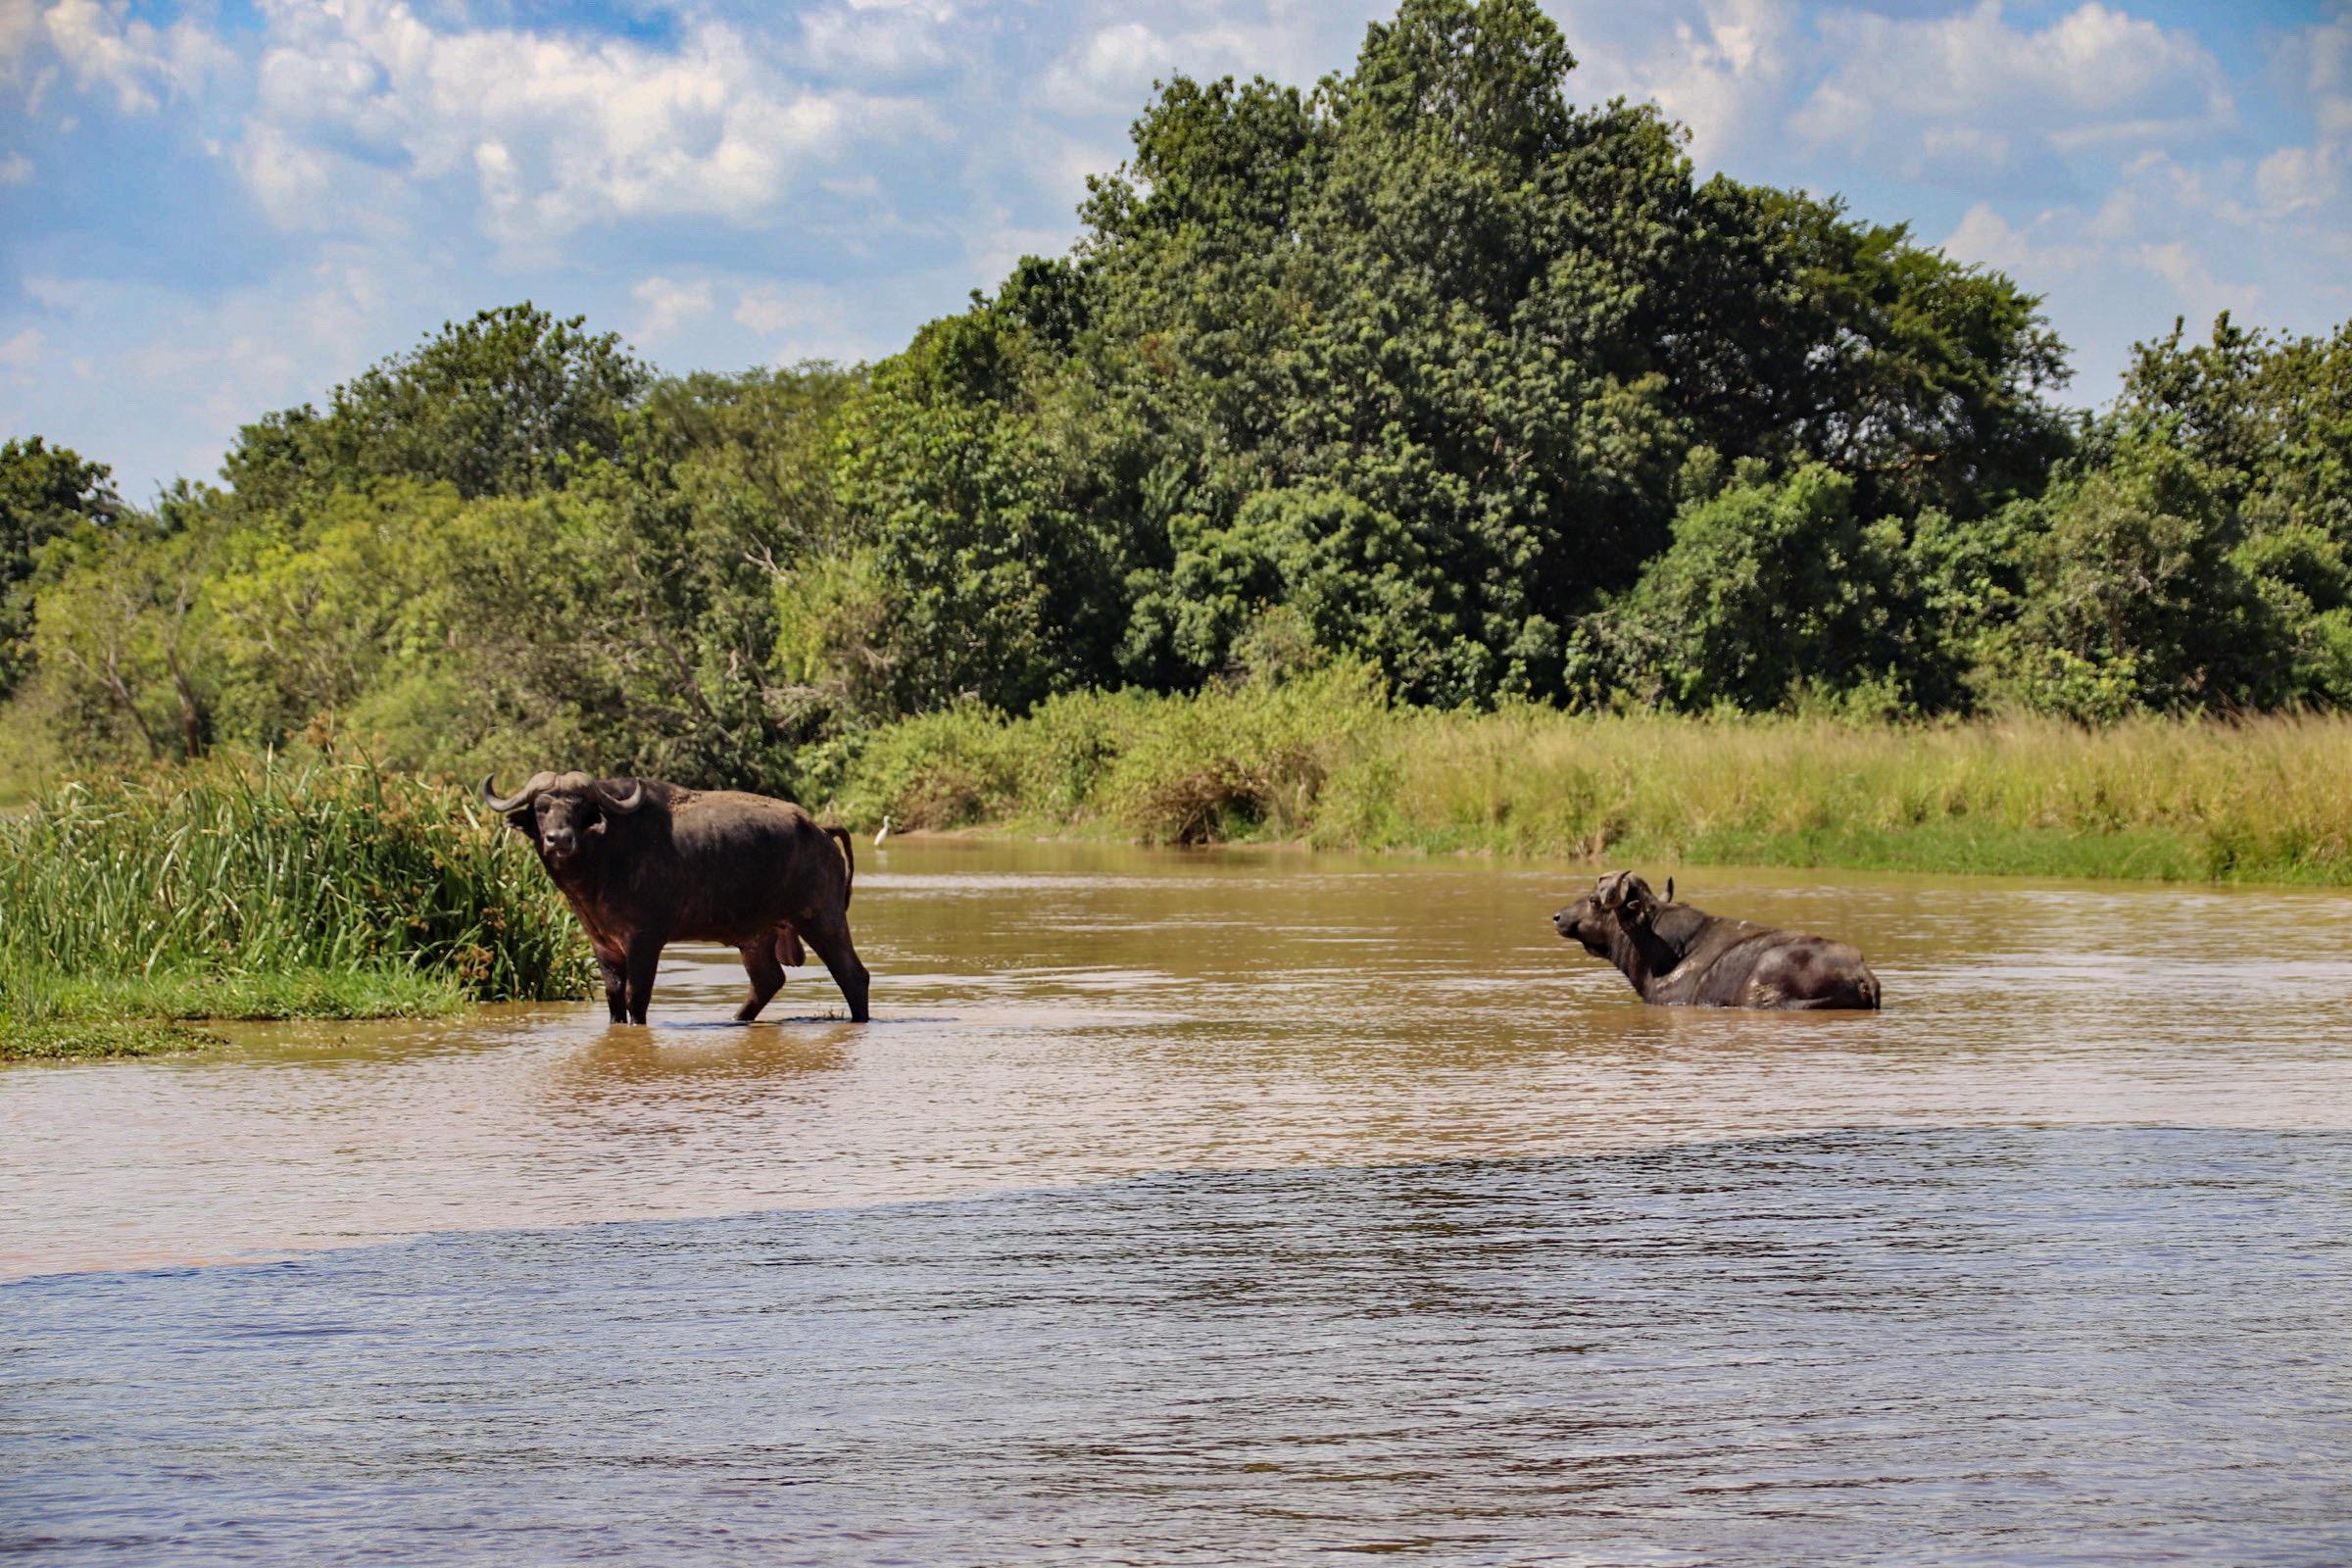 10-Day Wildlife Big 5, Murchison Falls, and Gorilla Trekking Safaris in Uganda 8